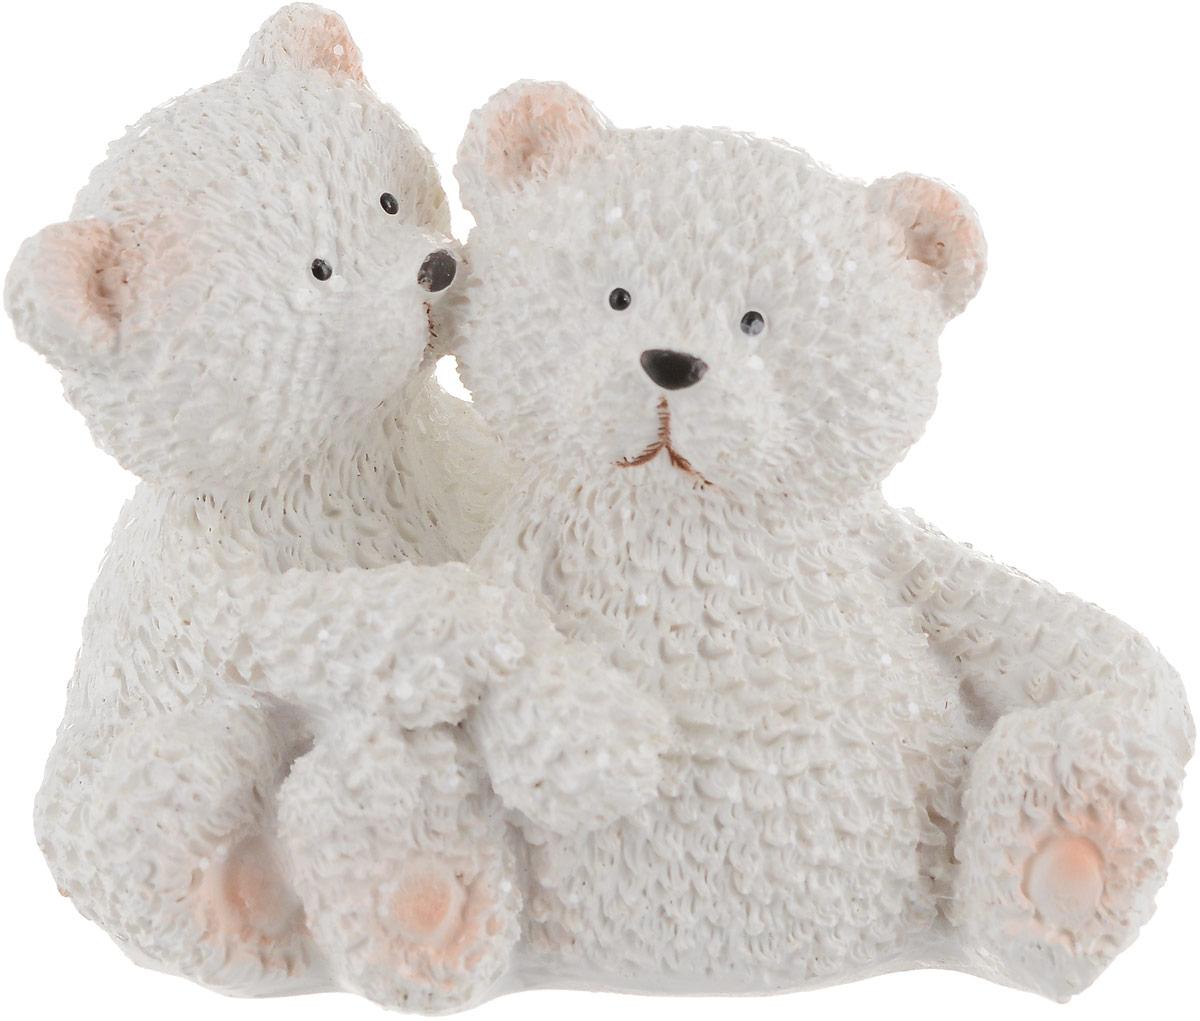 Фигурка декоративная Magic Time Зимние мишки75672Декоративная фигурка Magic Time Зимние мишки станет прекрасным дополнением к интерьеру. Изделие, изготовленное из полирезины,выполнено в виде двух медвежат. Вы можете поставить фигурку в любом месте, где она будет удачно смотреться и радоватьглаз.Такая фигуркастанет отличным подарком для близких и друзей.Размеры: 7,5 х 5,5 х 6 см